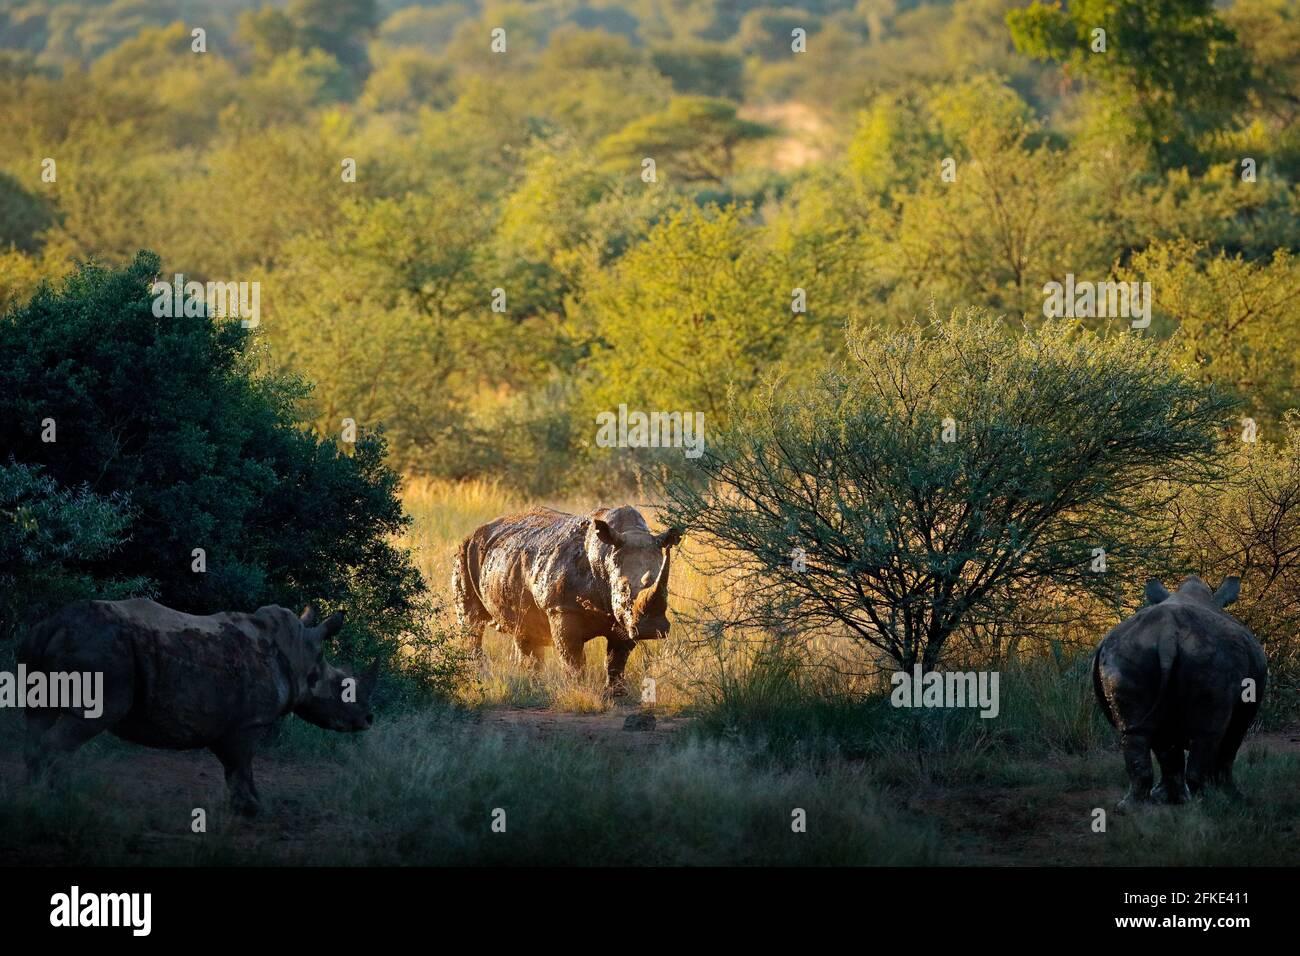 Rinoceronte en el hábitat del bosque. Rinoceronte blanco, Ceratotherium simum, con cuernos, en el hábitat natural, Pilanesberg, Sudáfrica. Escena de la vida silvestre de natu Foto de stock